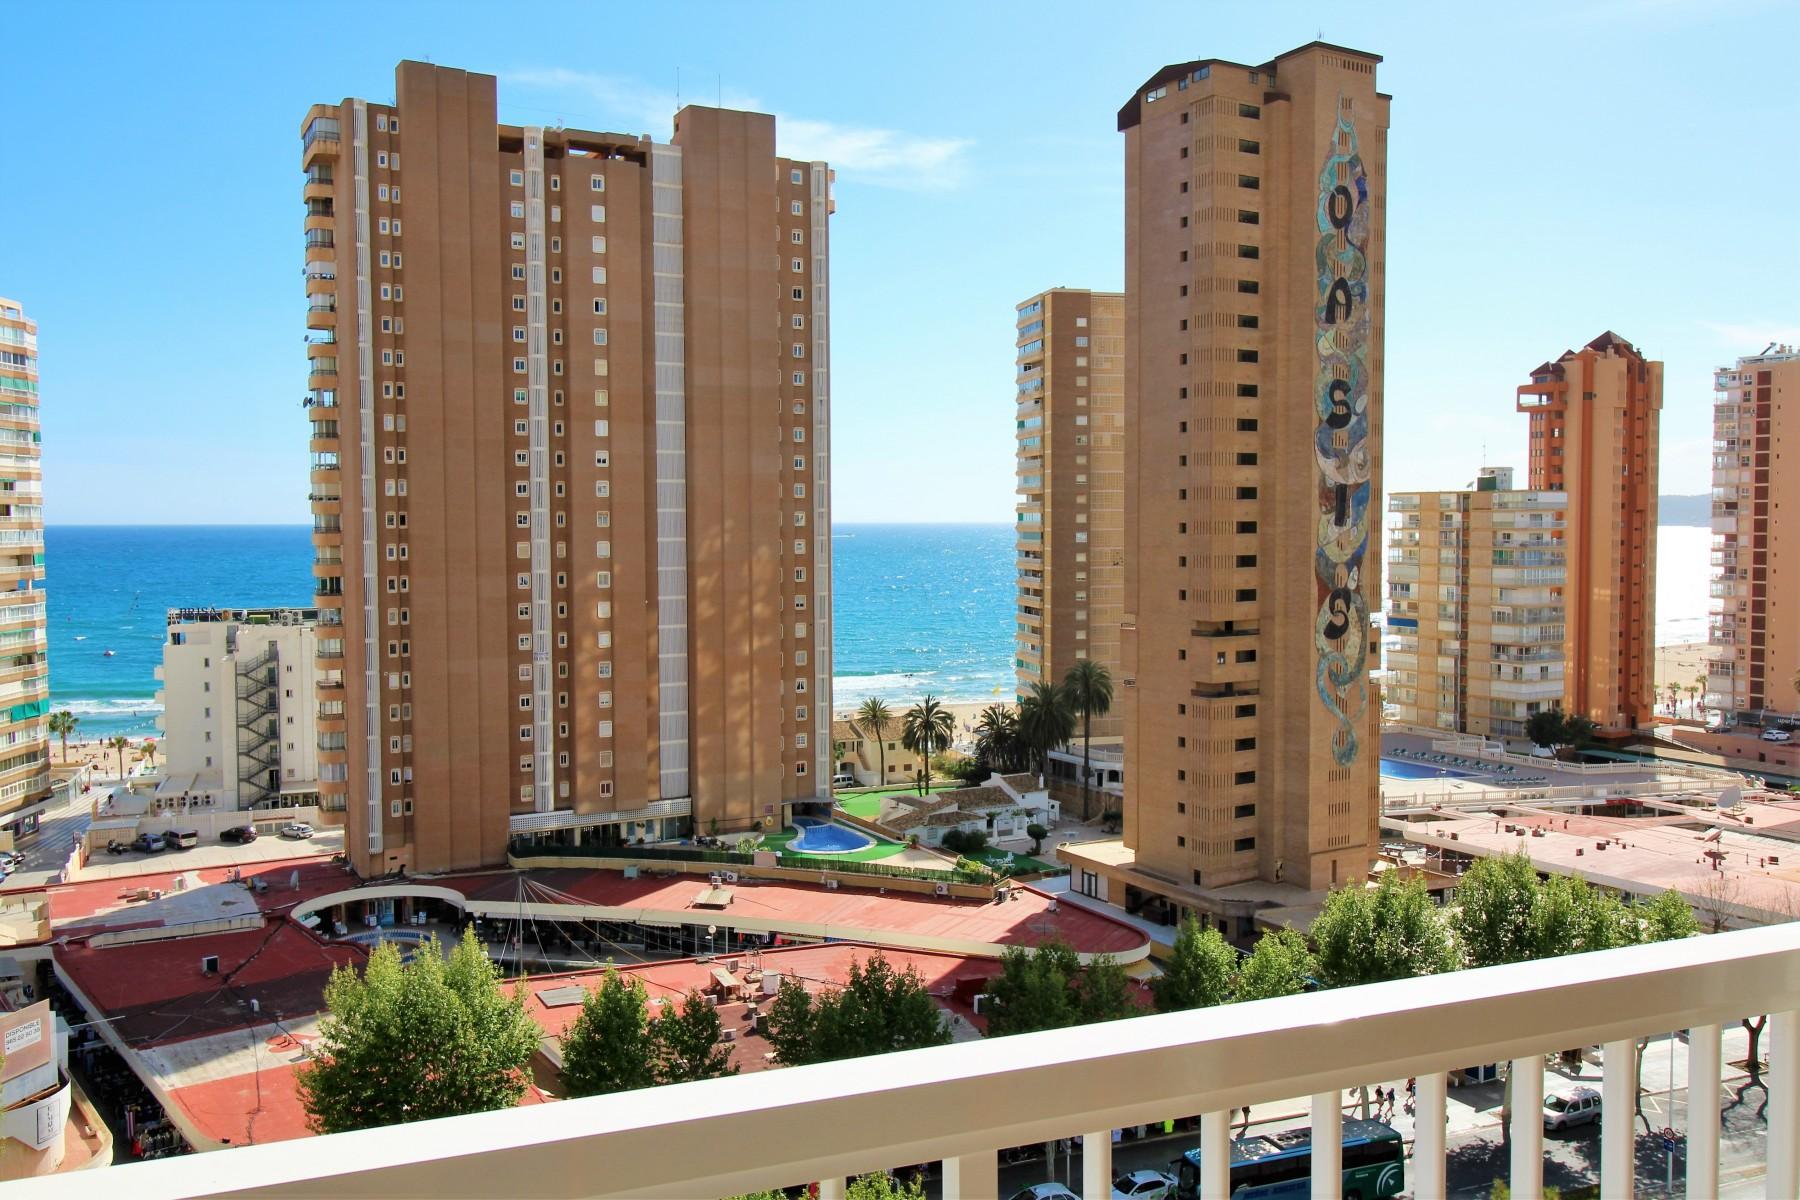 Albatros 131 - Apartments in Benidorm